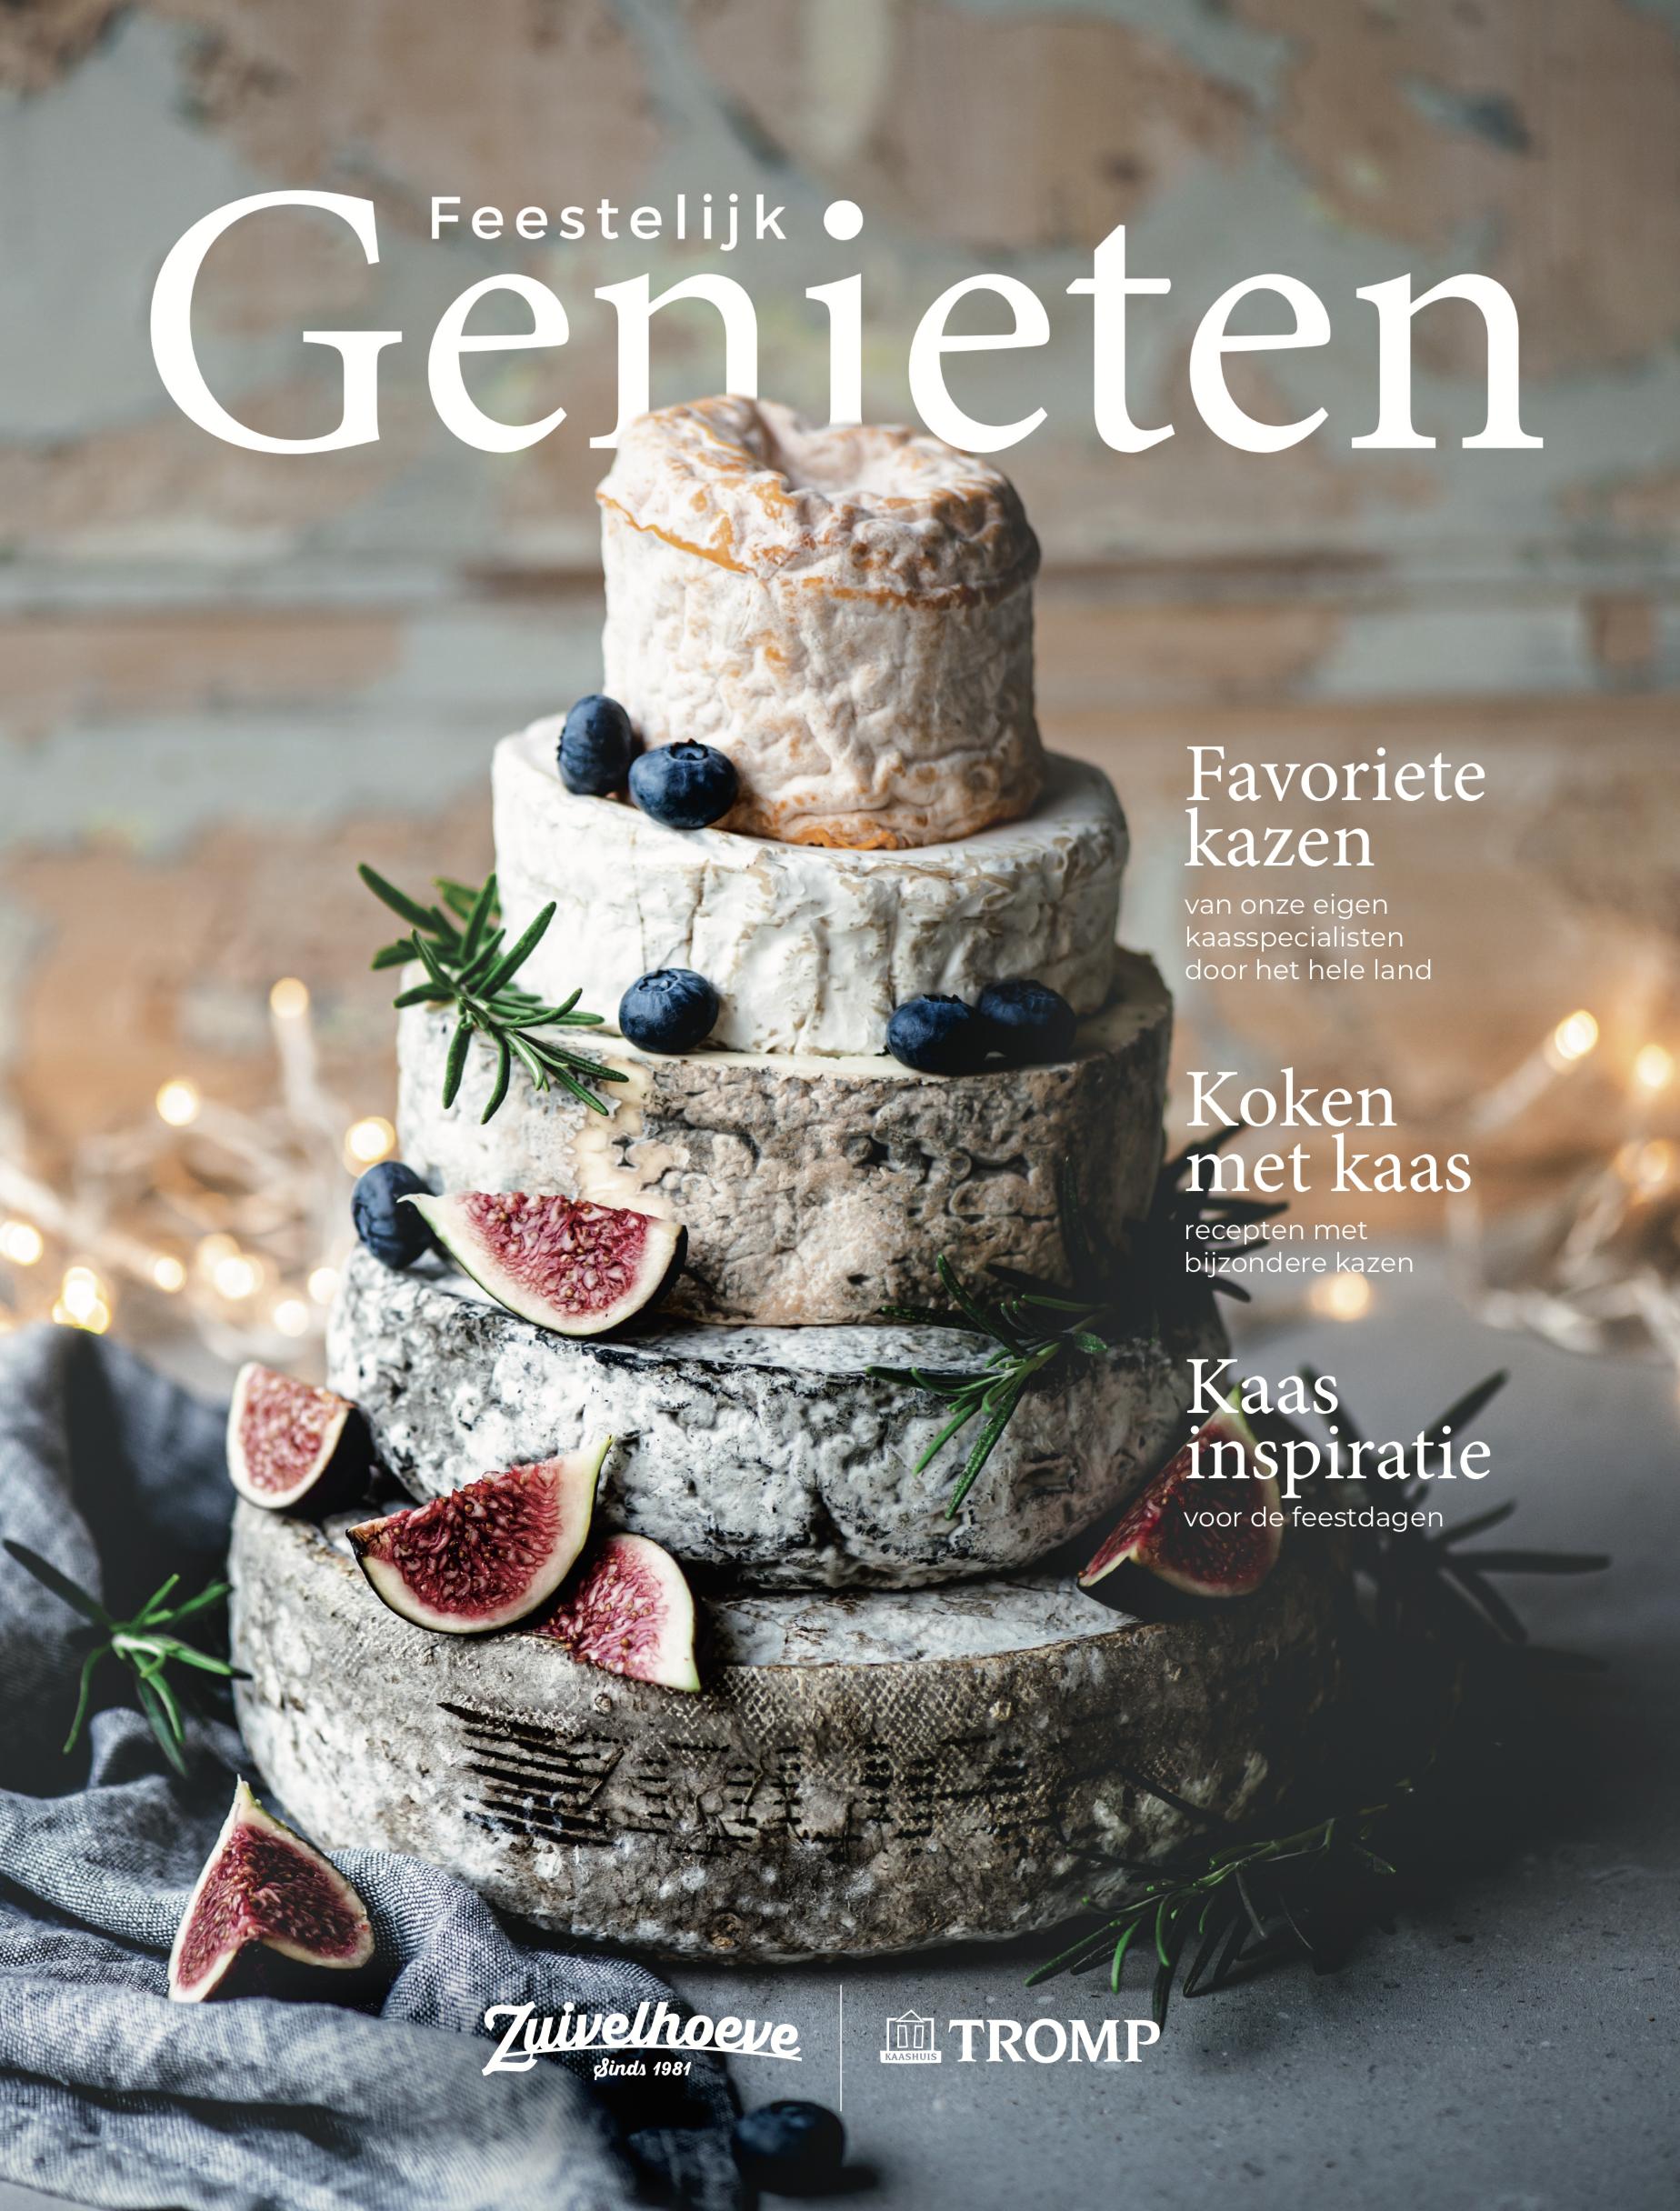 Zuivelhoeve Feestelijk Genieten Cover Stefanie Spoelder Food Photography foodfotograaf